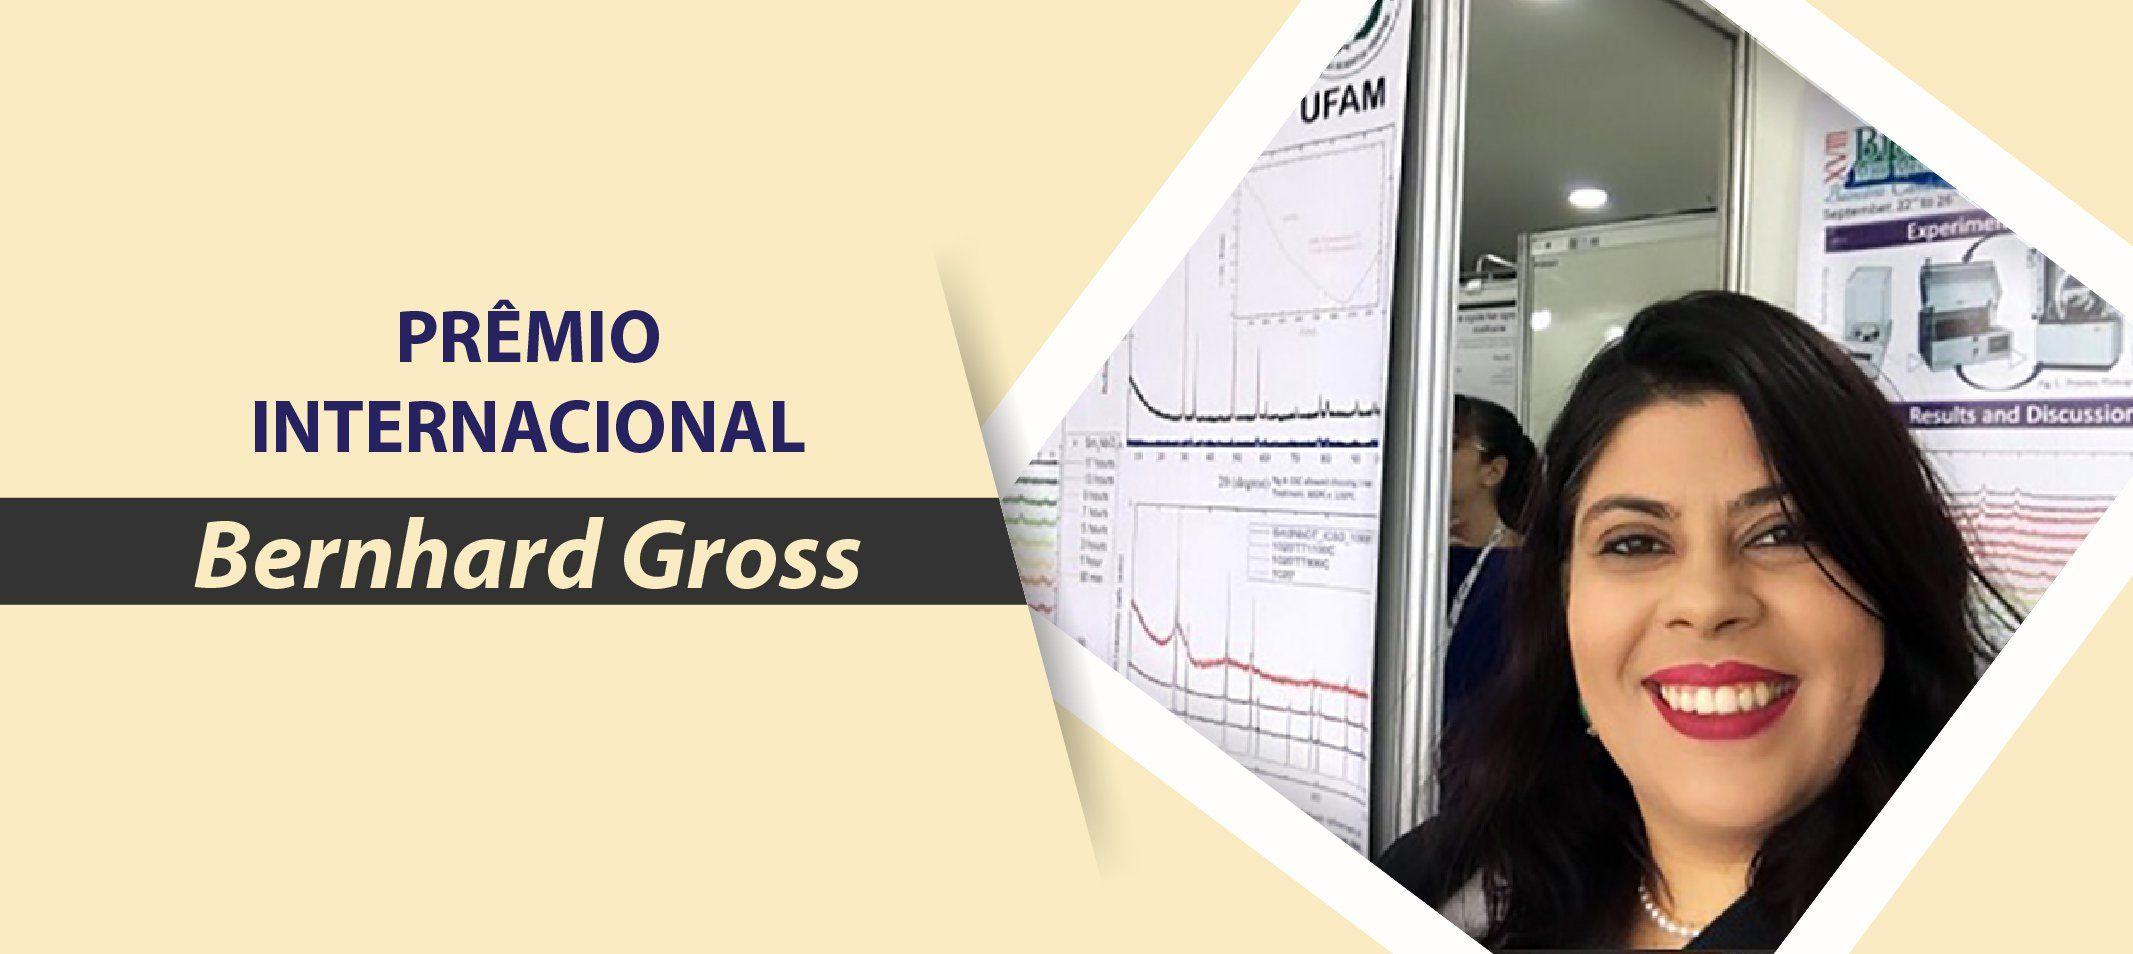 Trabalho produzido por mestranda da Ufam foi premiado durante o XVIII Encontro da Sociedade Brasileira de Pesquisa em Materiais